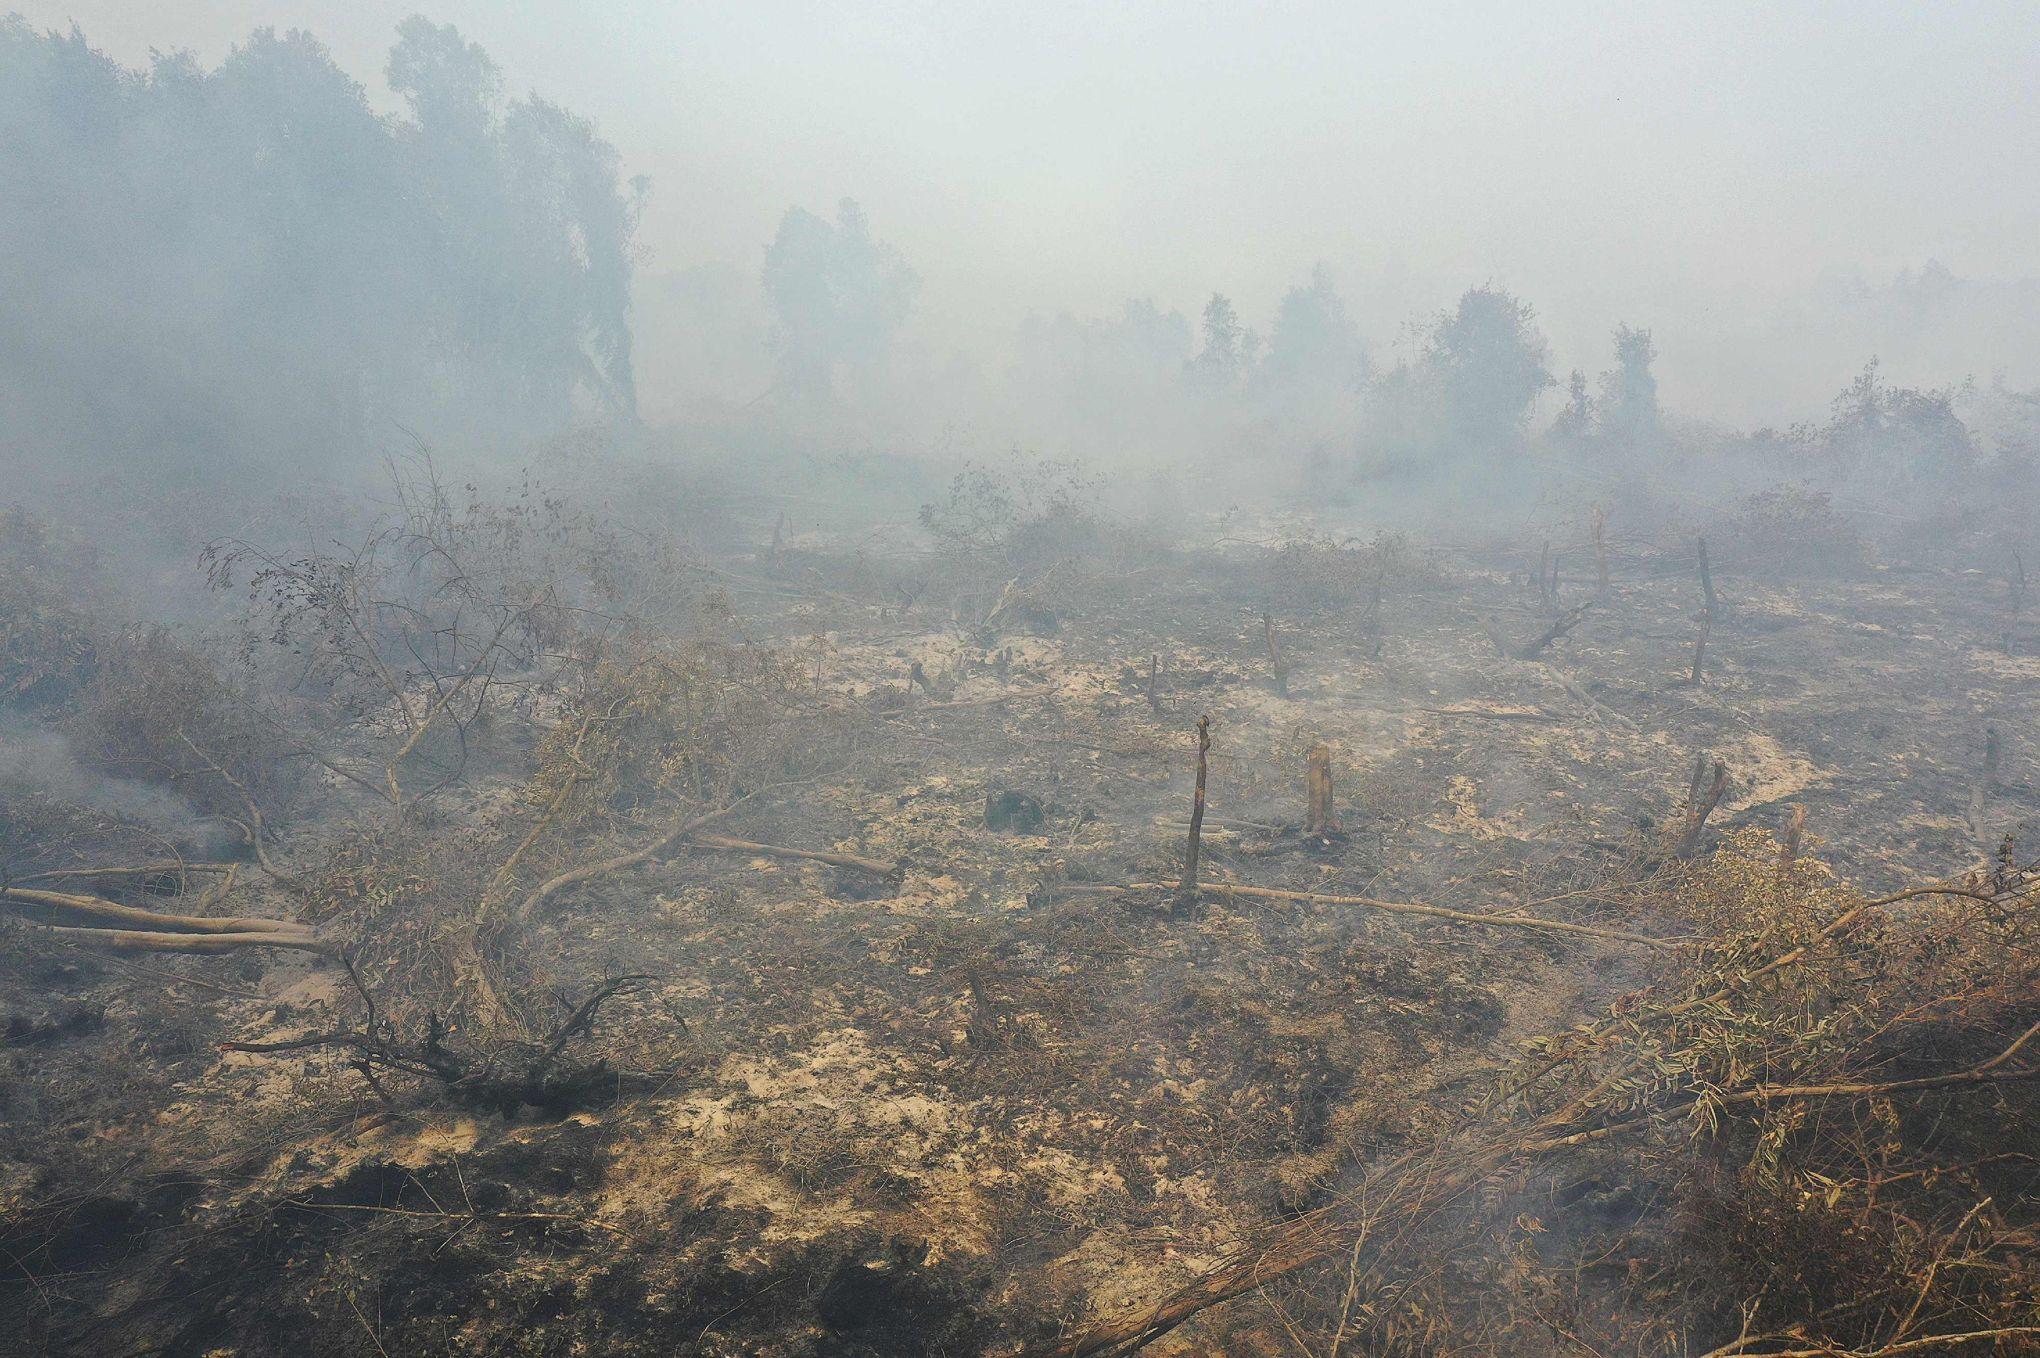 Nuage toxique, orangs-outans menacés: les conséquences des incendies en Indonésie